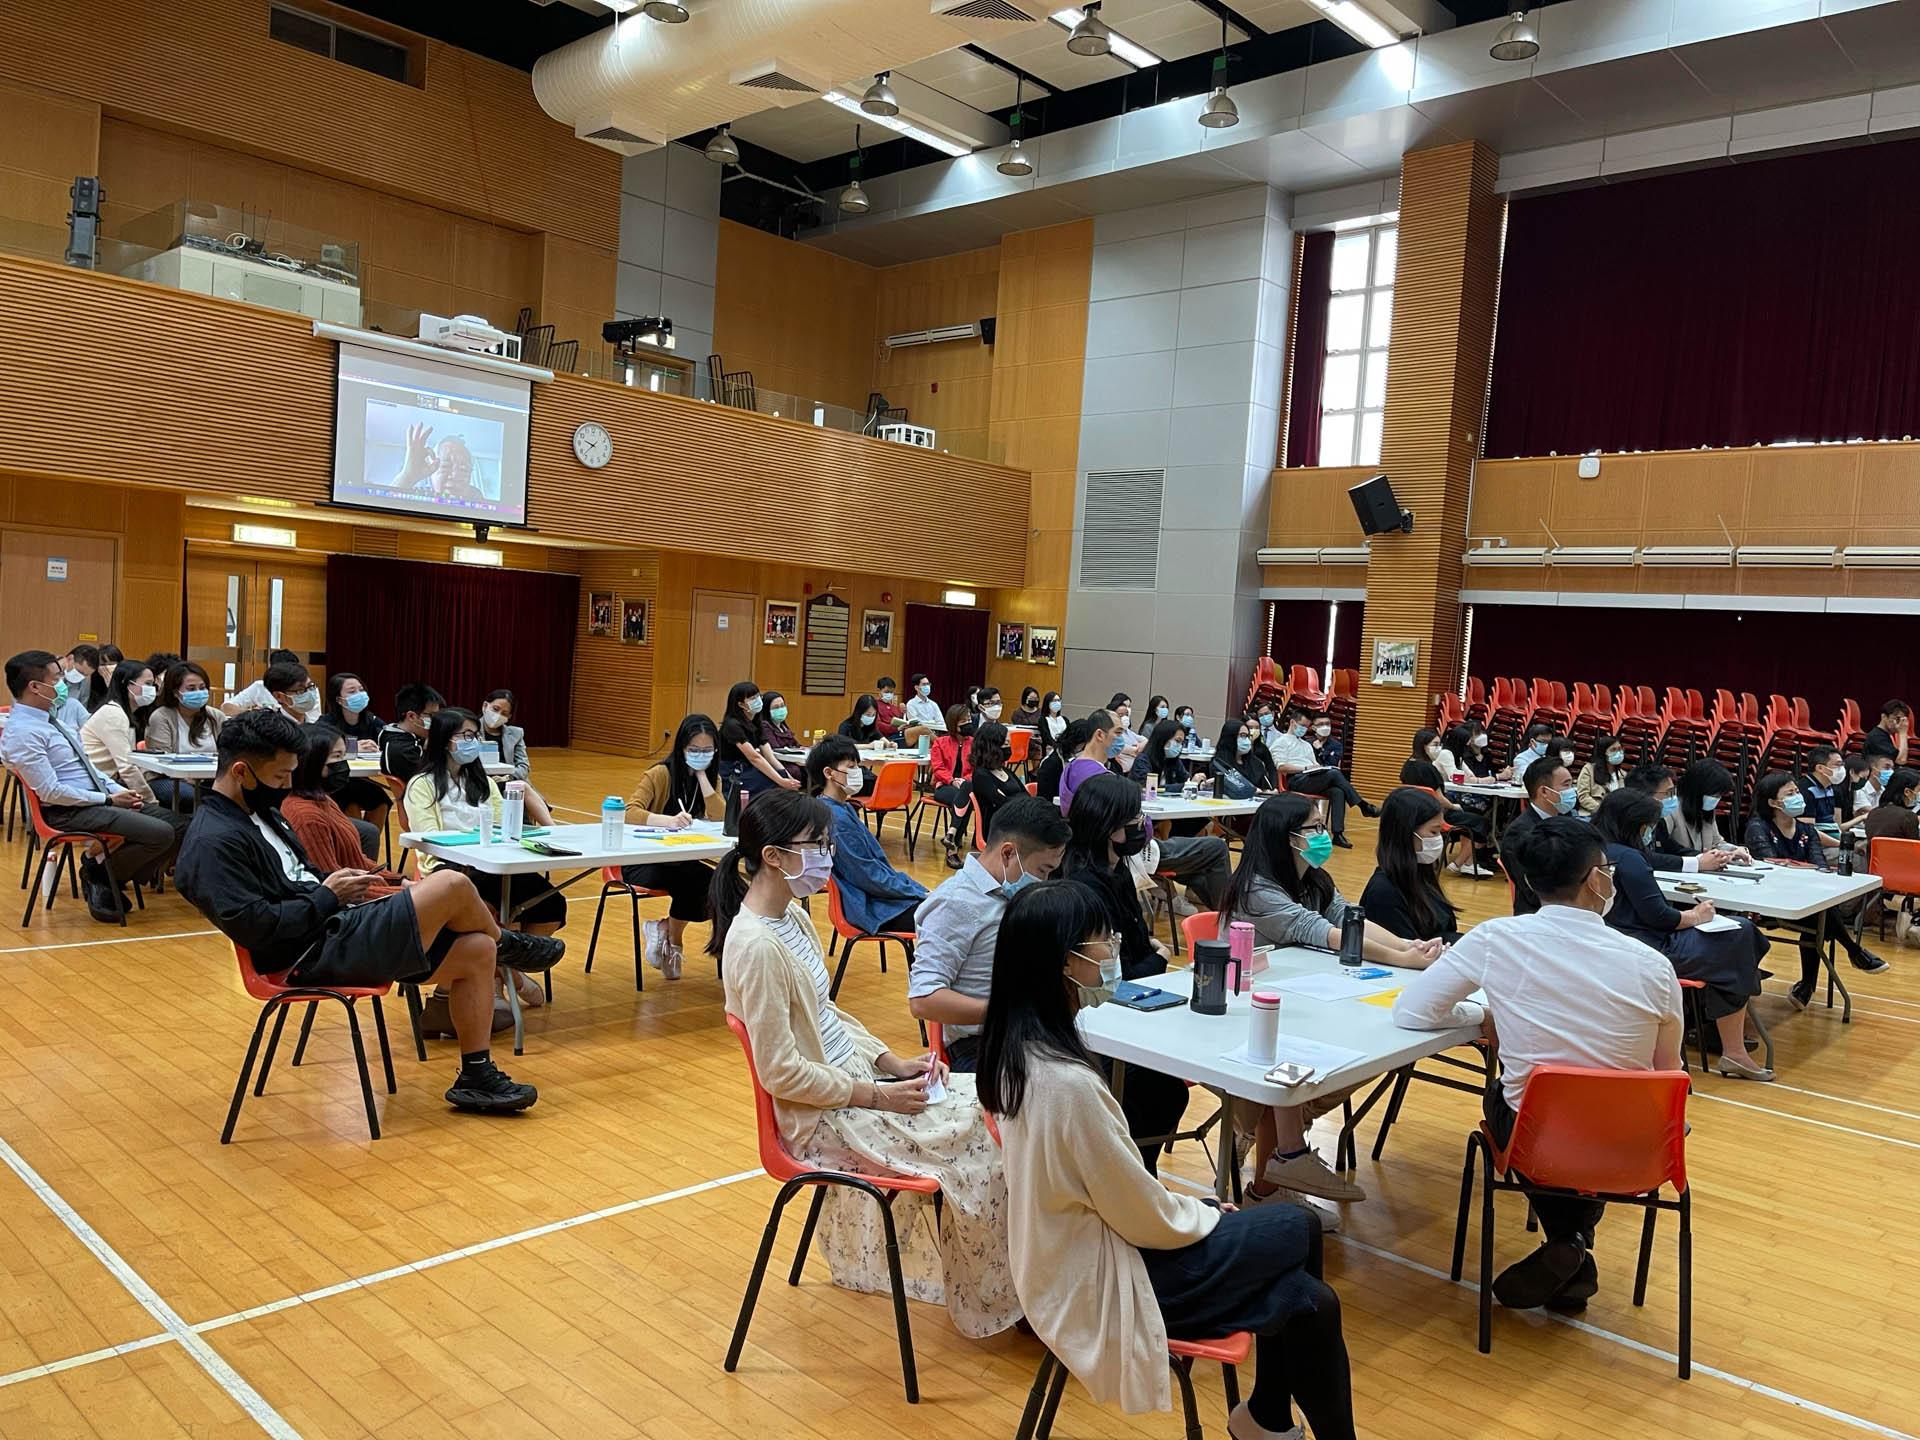 2nd Teacher Professional Development Day